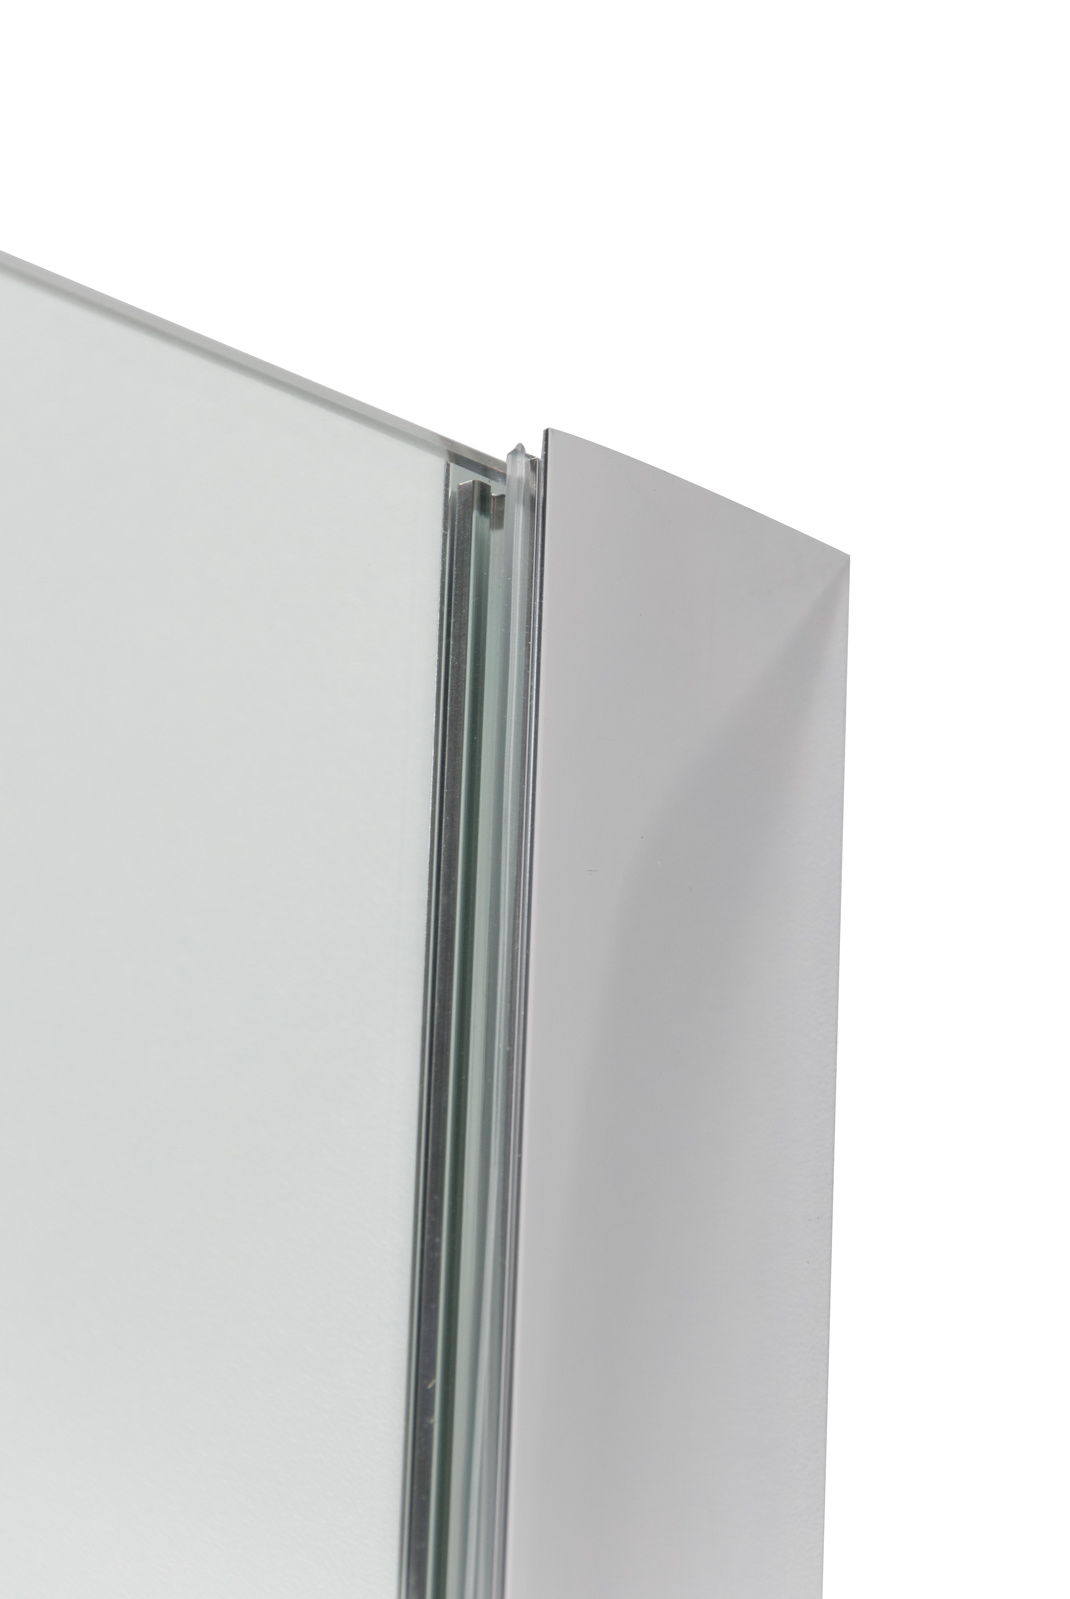 Linea Uno Begehbare Dusche Gšteborg 140 x 200 cm